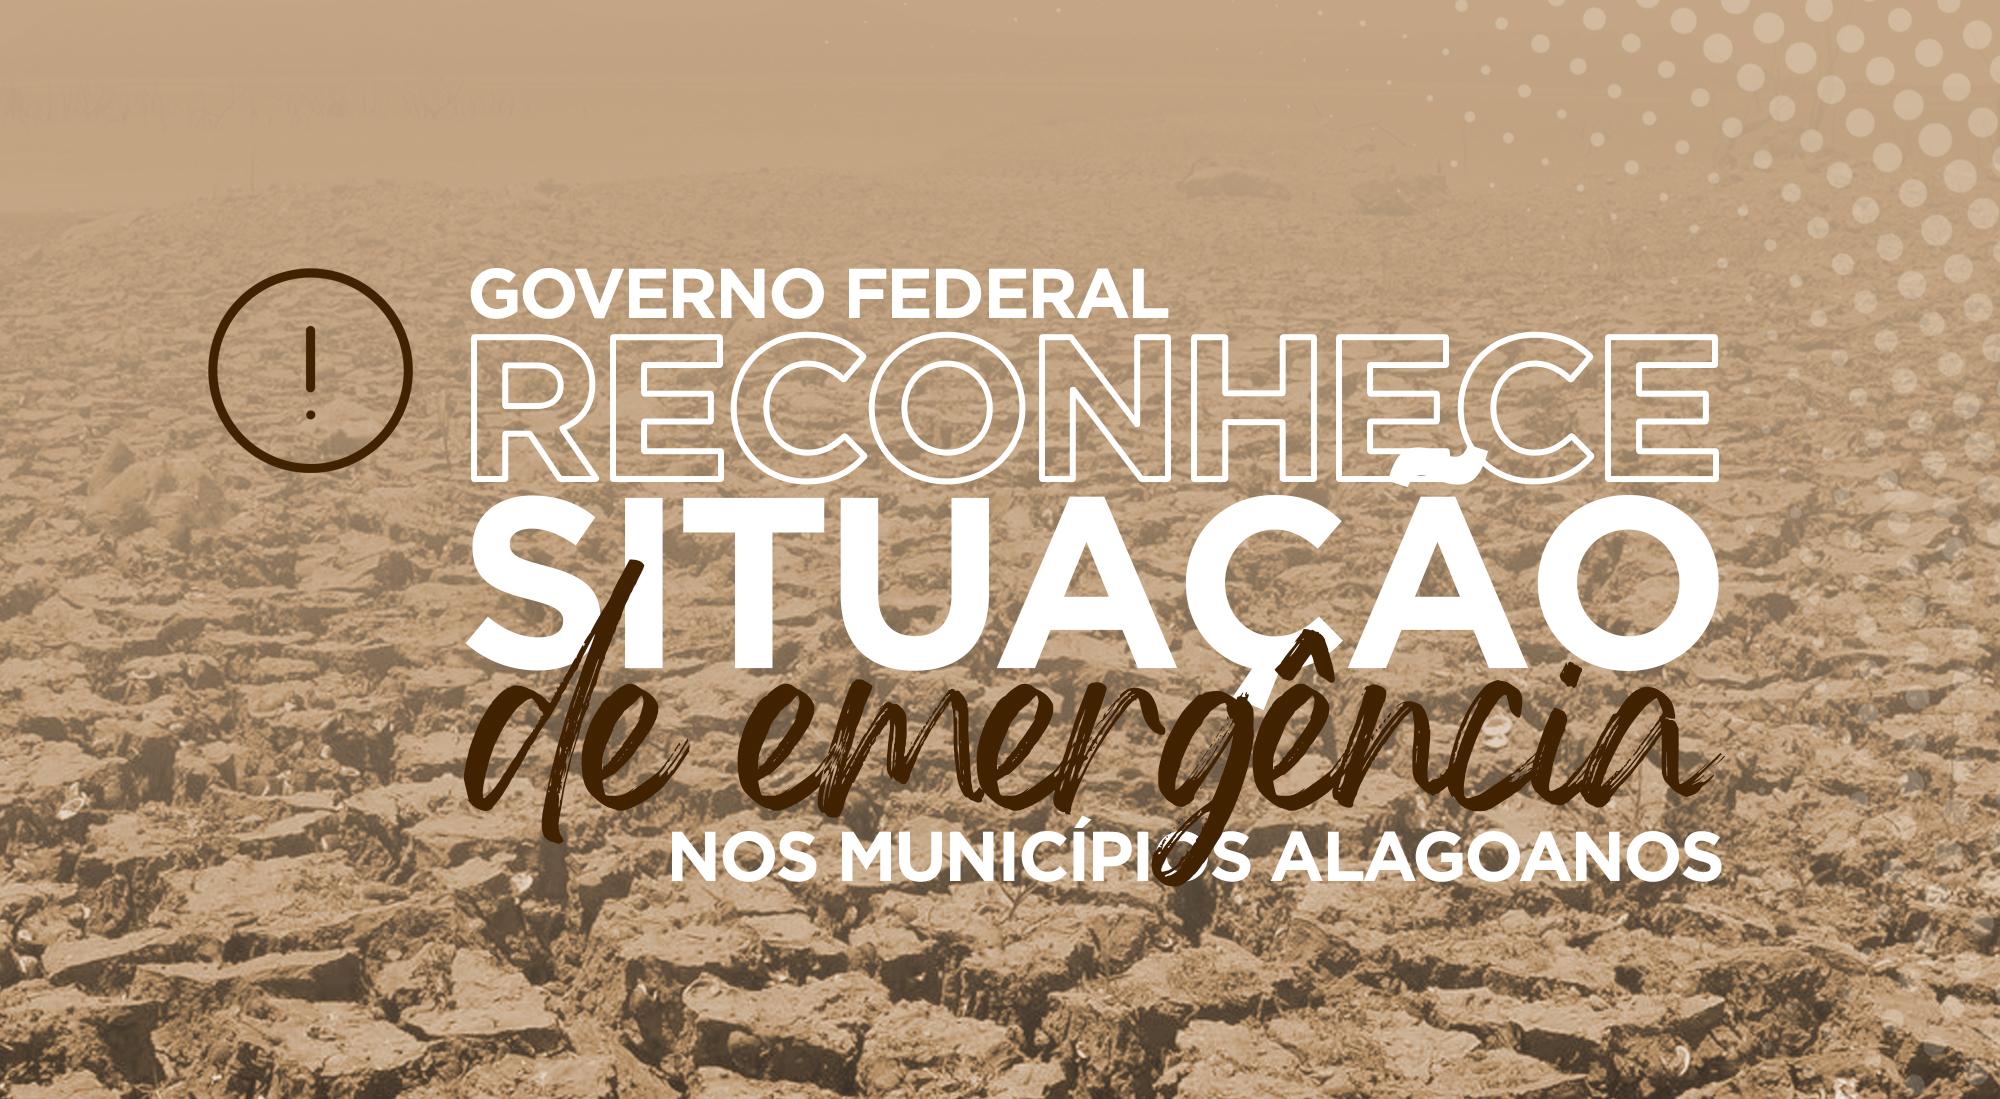 Governo federal reconhece emergência em Alagoas